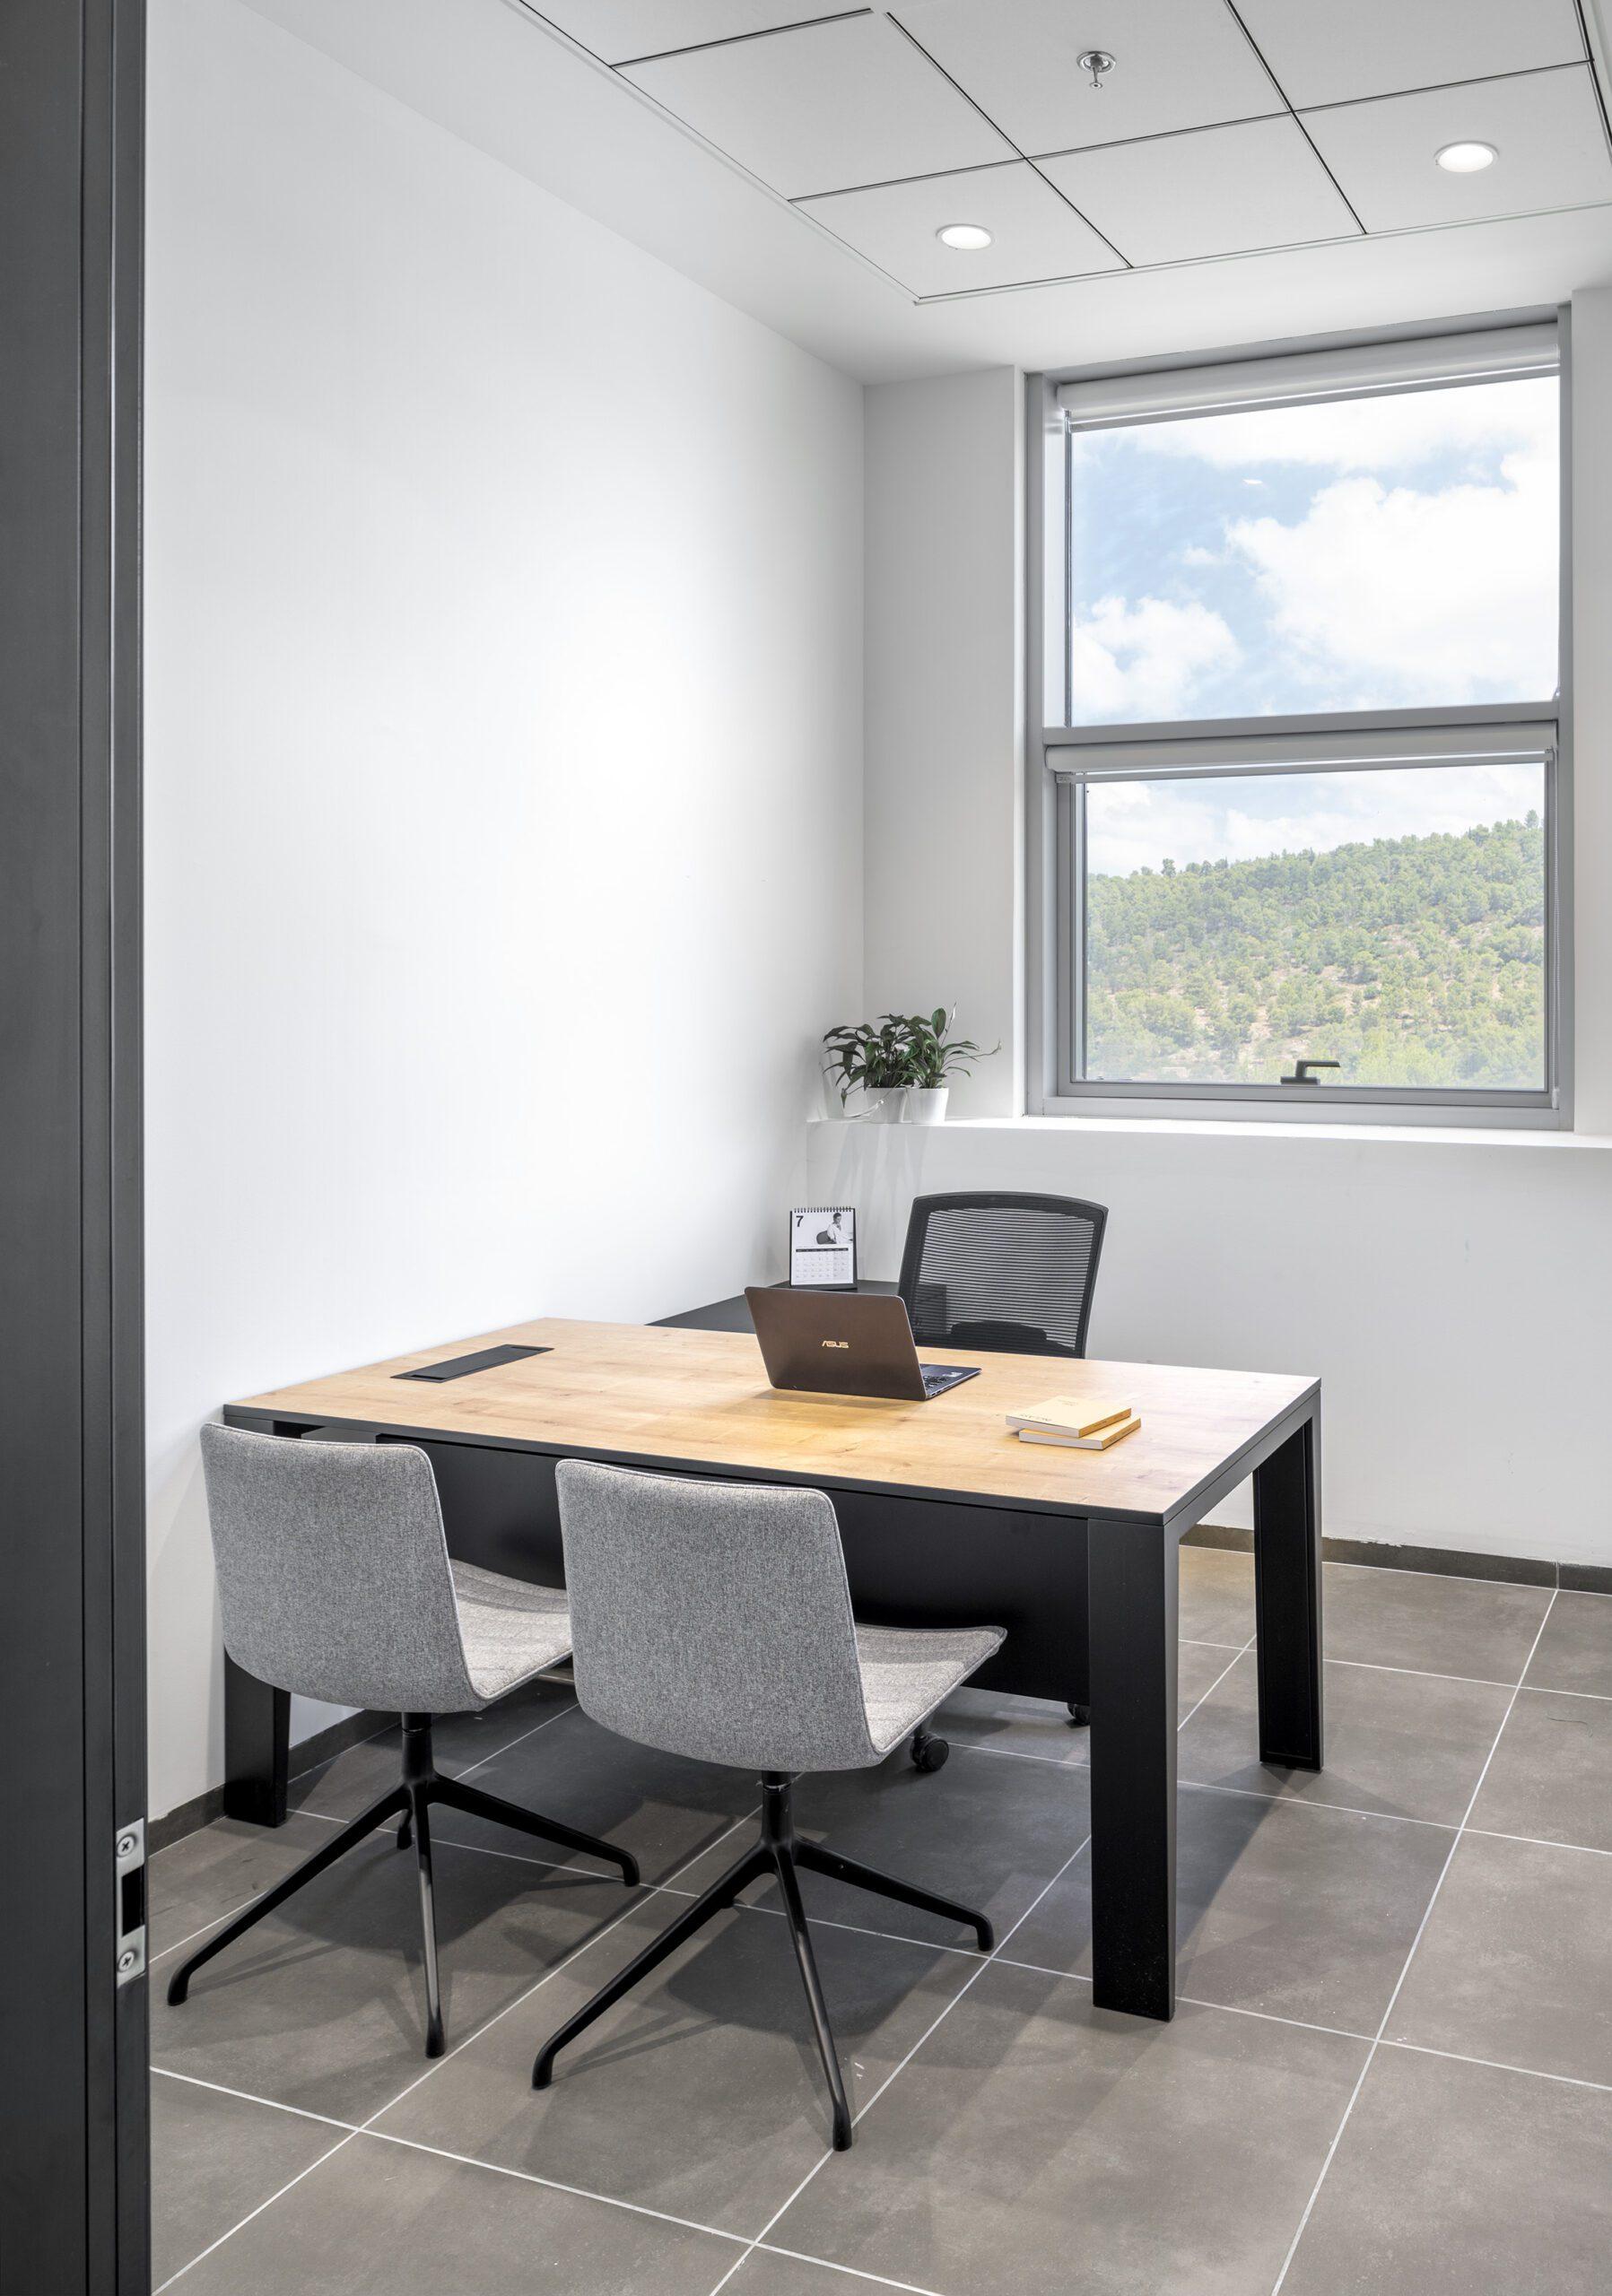 שולחן מנהל MAYA, כסא ארגונומי BROKER, כסאות אורח SOHO